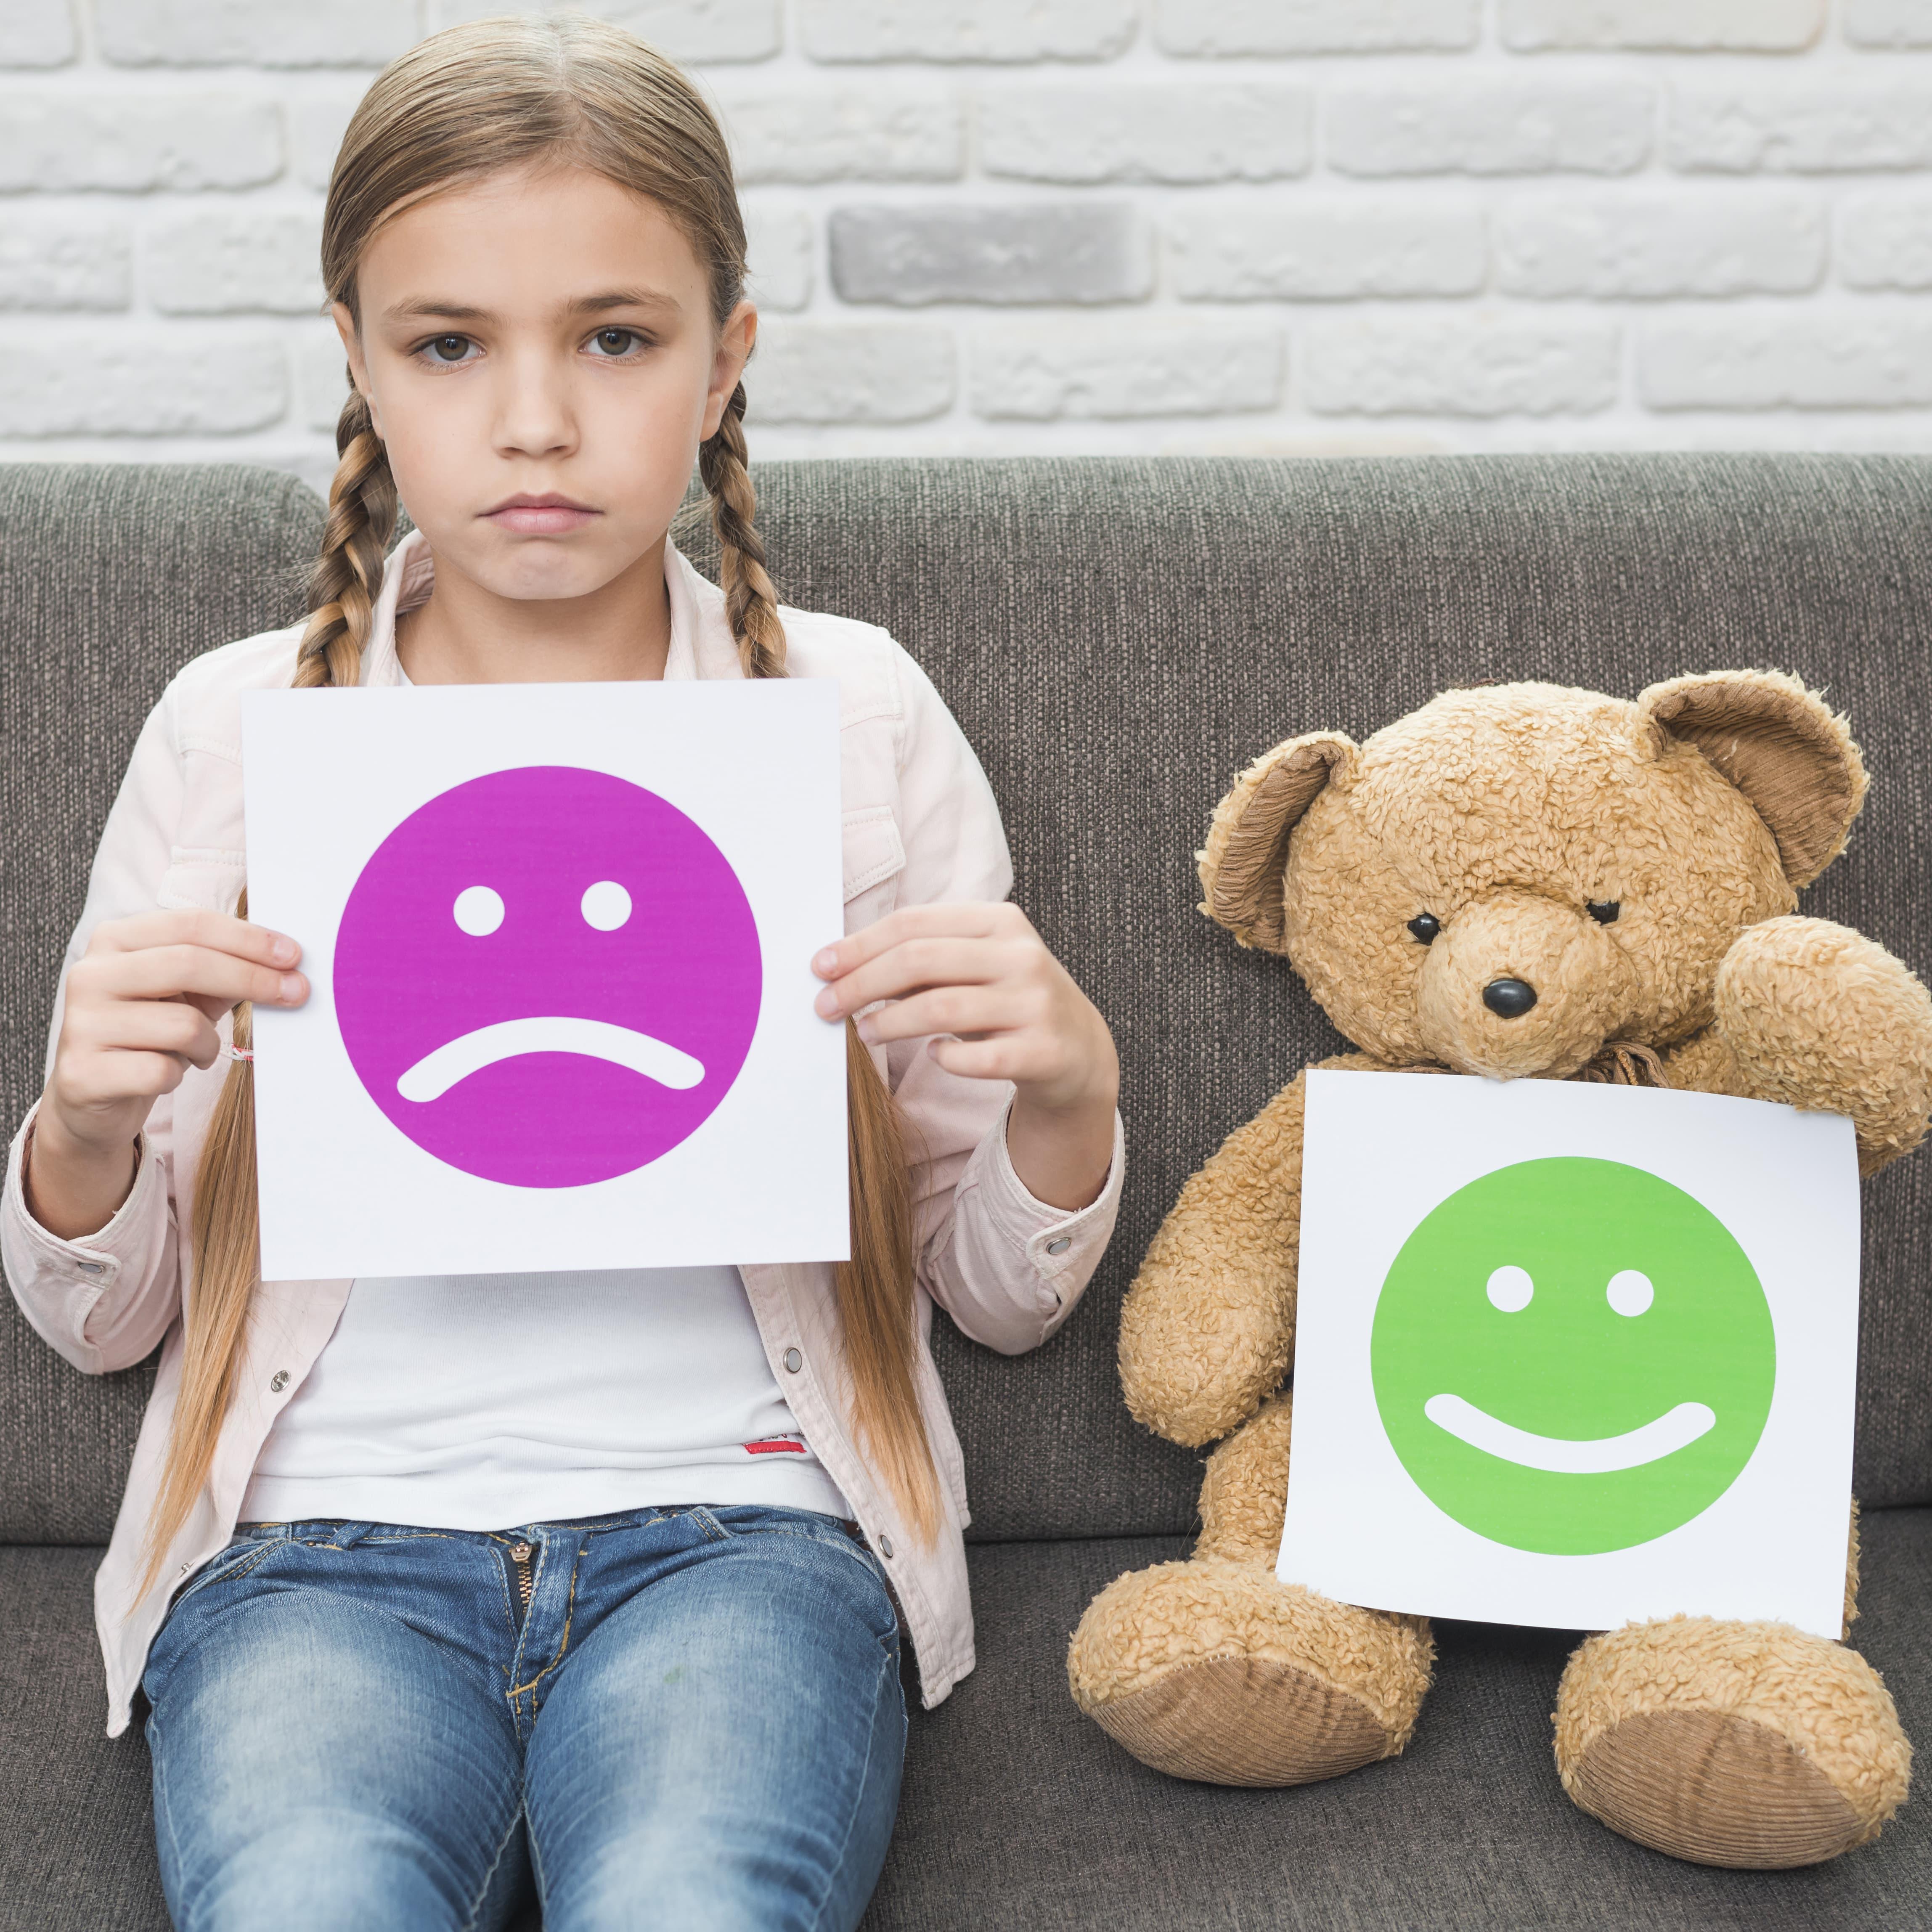 Test de QI, Psychologue, Neuropsychologue à Valence, Romans-sur-Isère dans la Drôme (26) - Ninon Felicioli - Enfants, adolescents et adultes